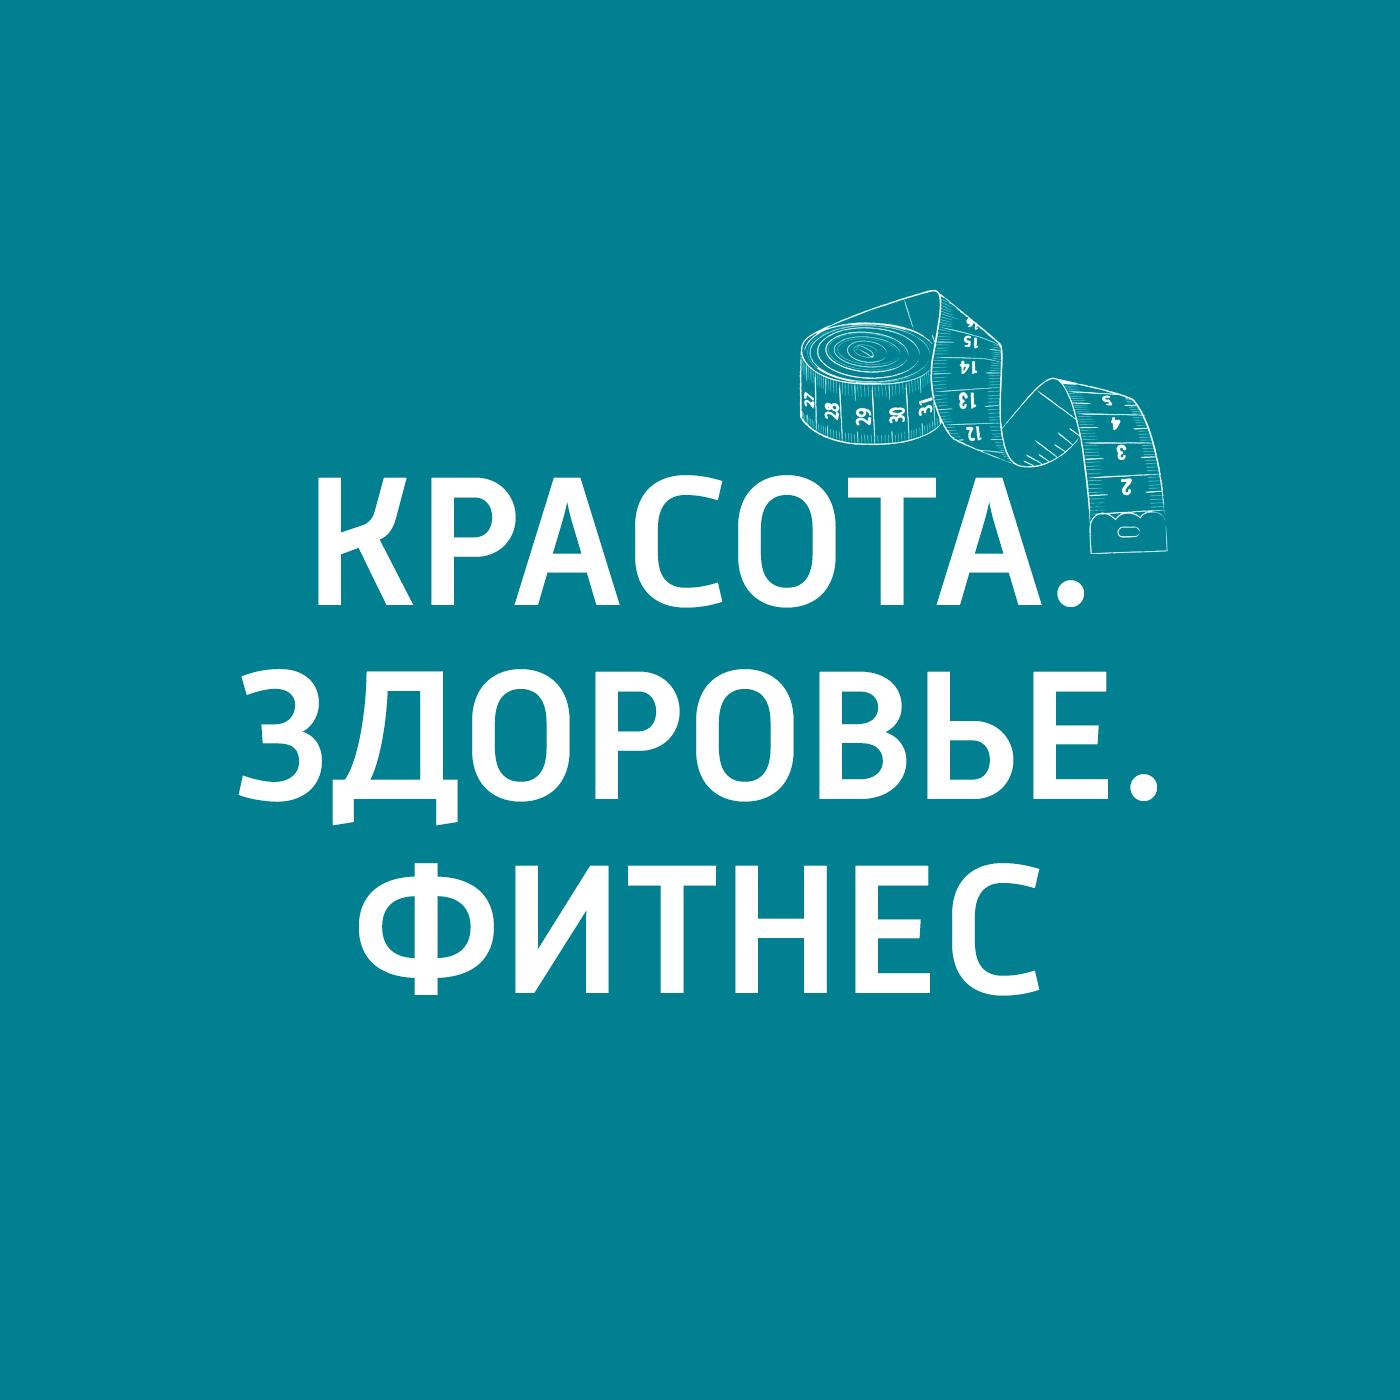 Маргарита Митрофанова Гормоны: кто кем управляет? и и брехман человек и биологически активные вещества